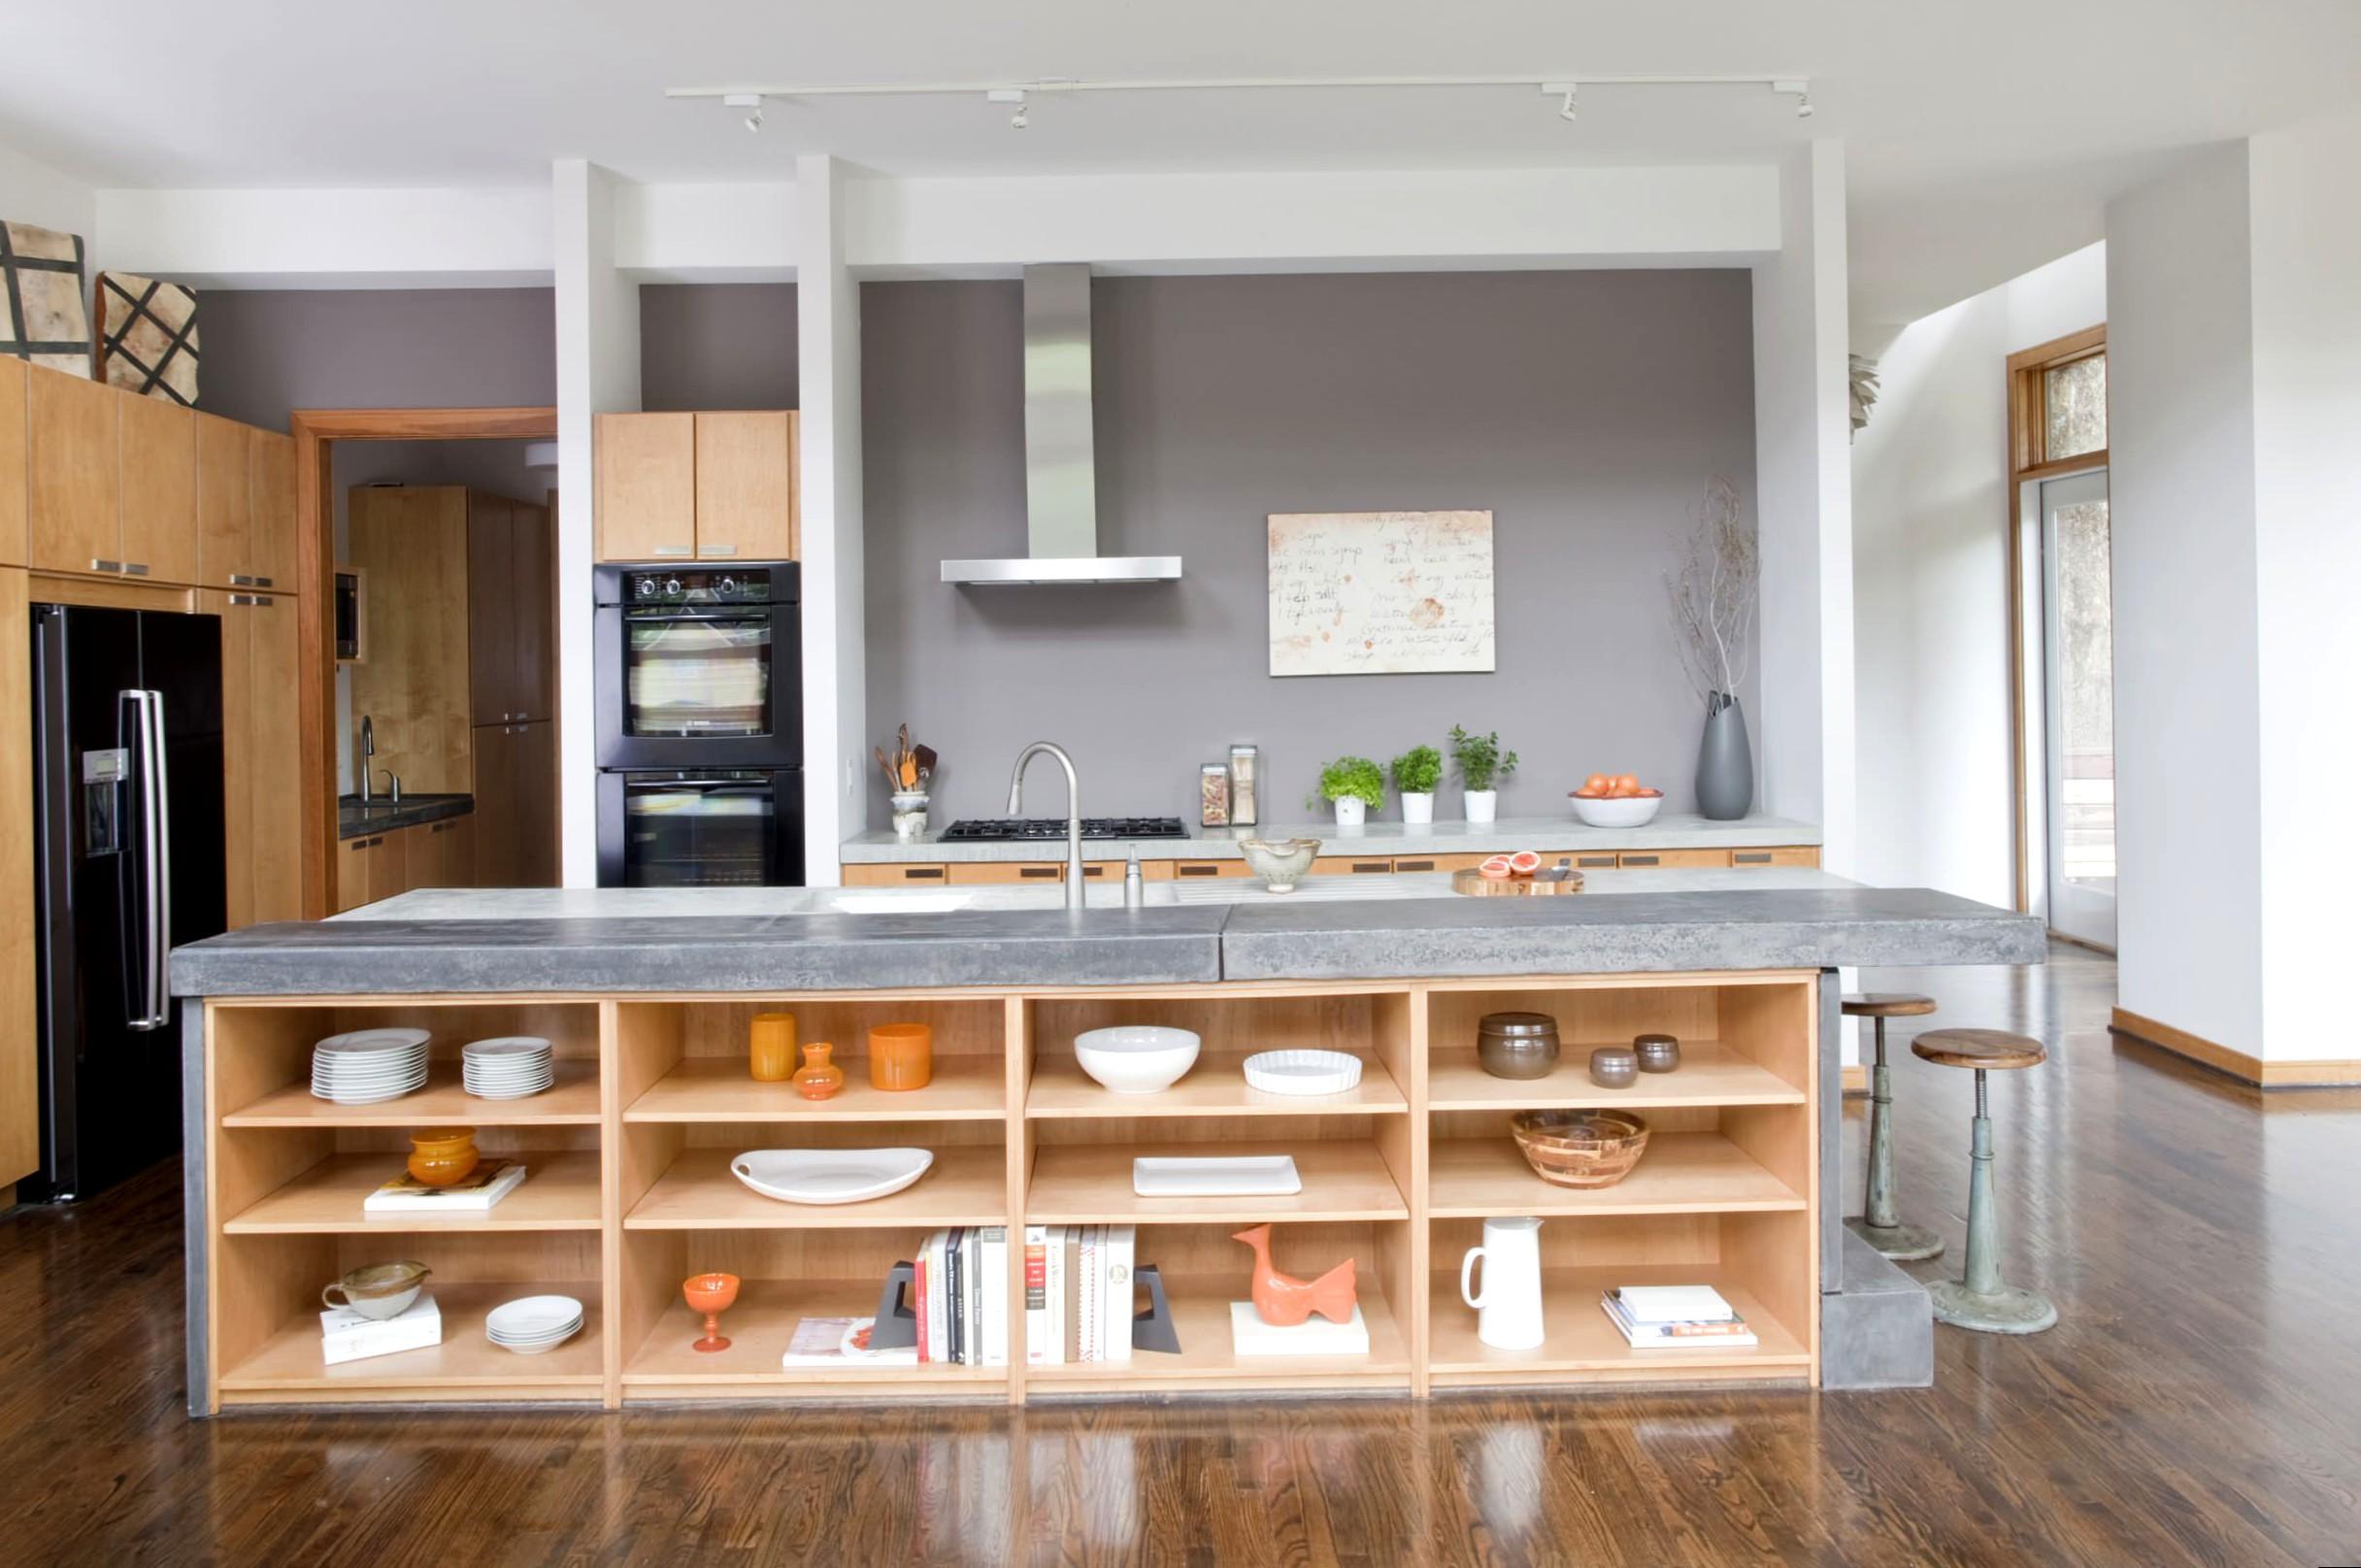 Система хранения для посуды